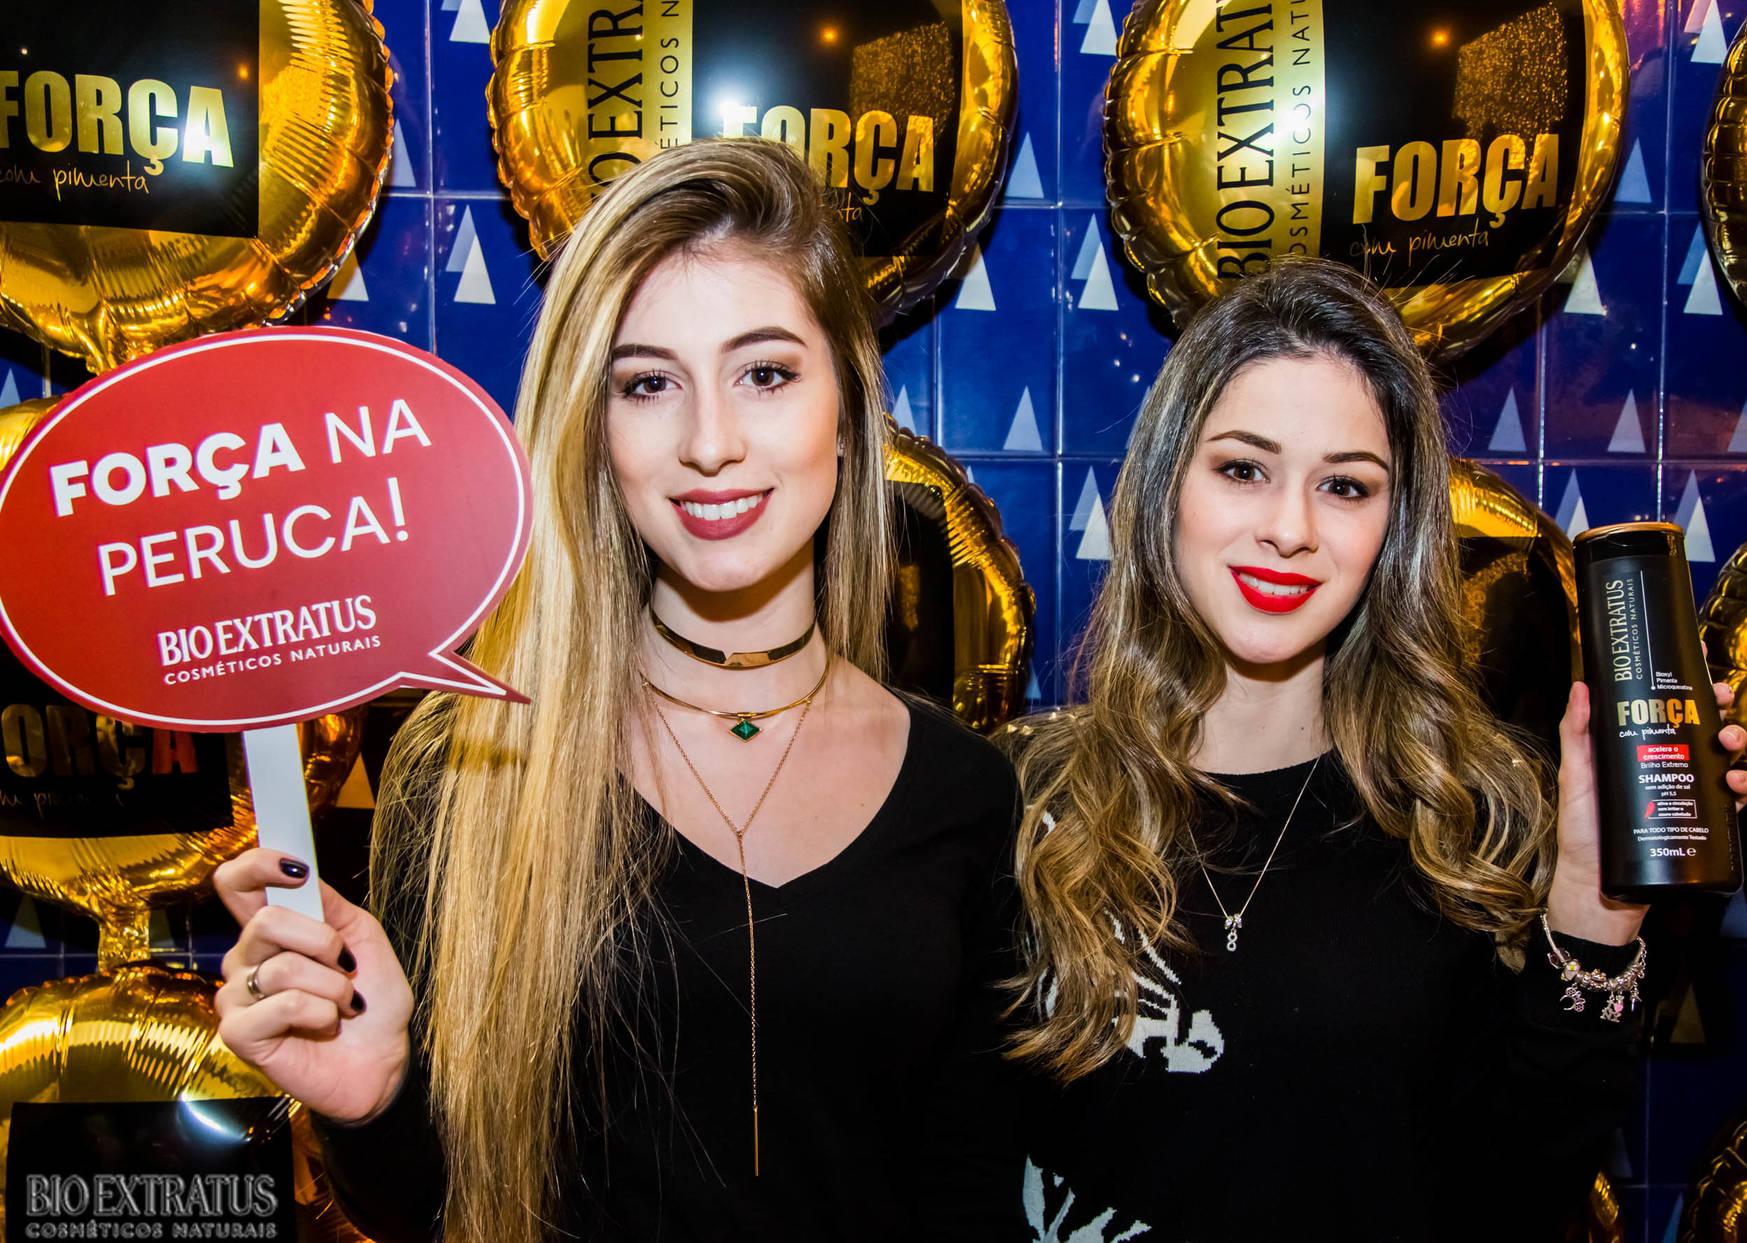 Coquetel de Lançamento da Linha Força com Pimenta em Belo Horizonte - 19